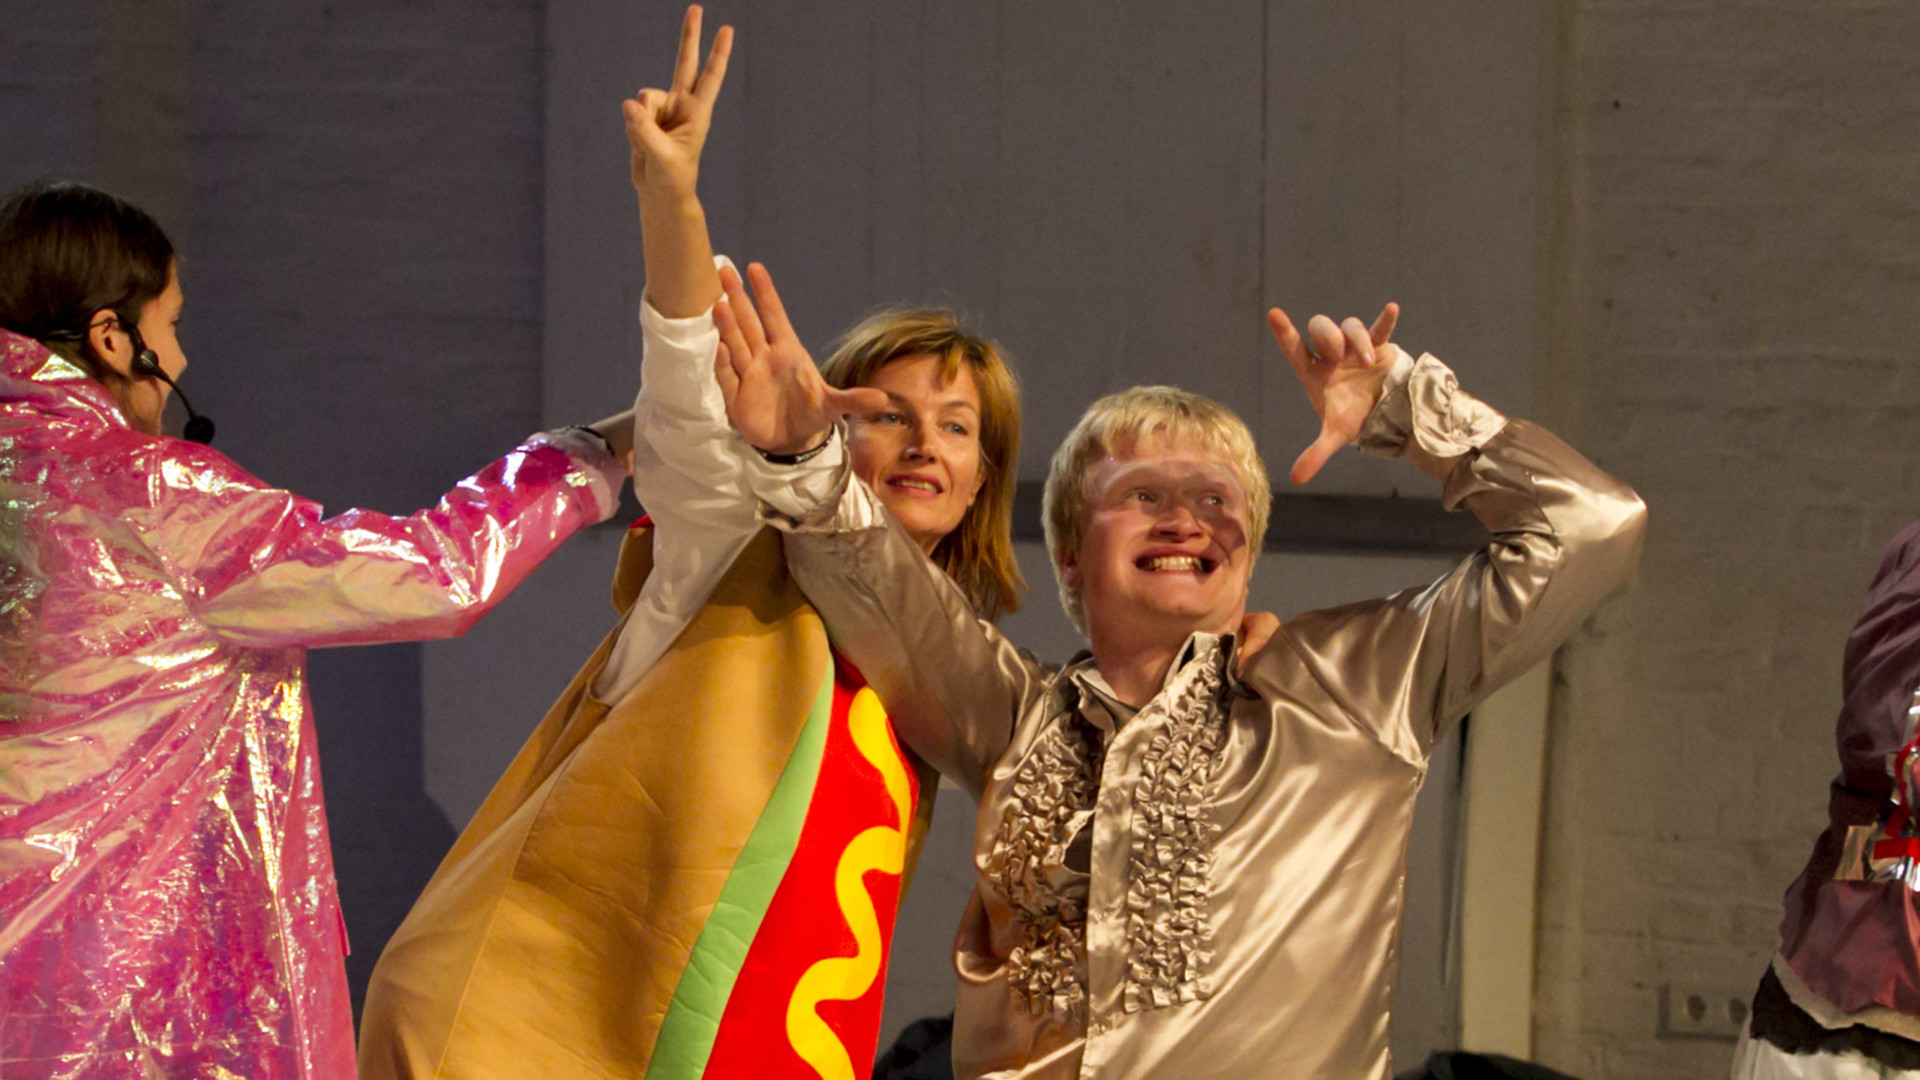 Szenenfoto: Drei Personen tanzen froehlich in bunten Kostuemen. Eine Fau zeigt das Peacezeichen